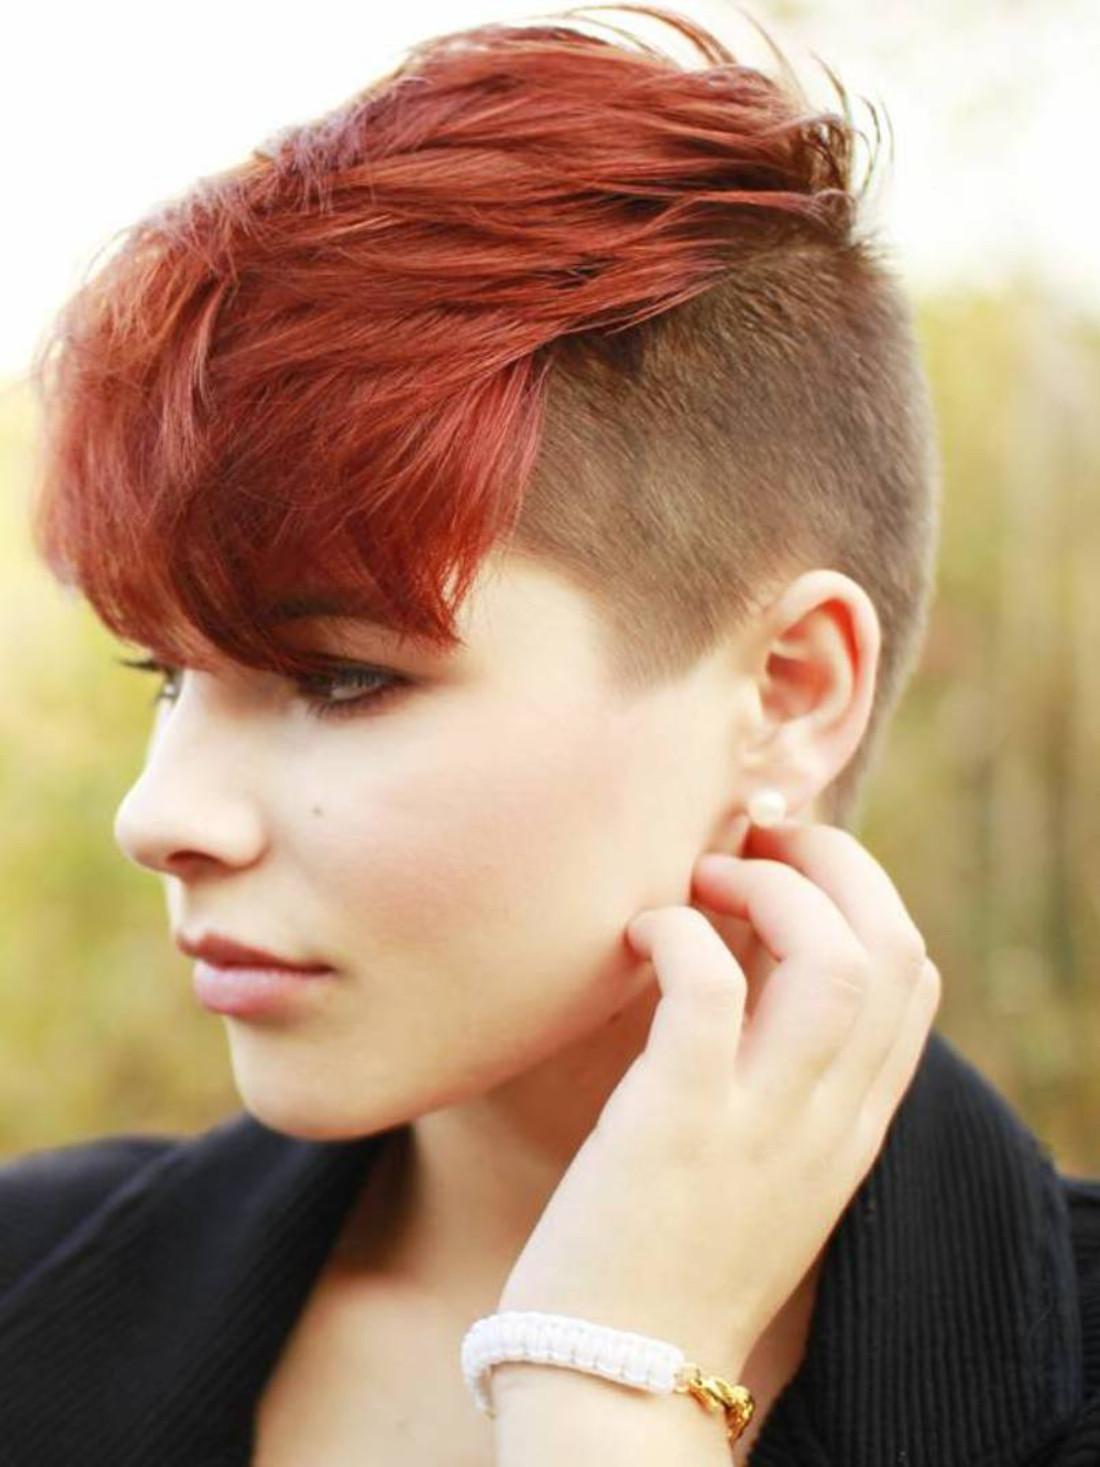 Undercut Hairstyle Girl  50 Ideen für Undercut Frauen zum Entlehnen und Nachmachen